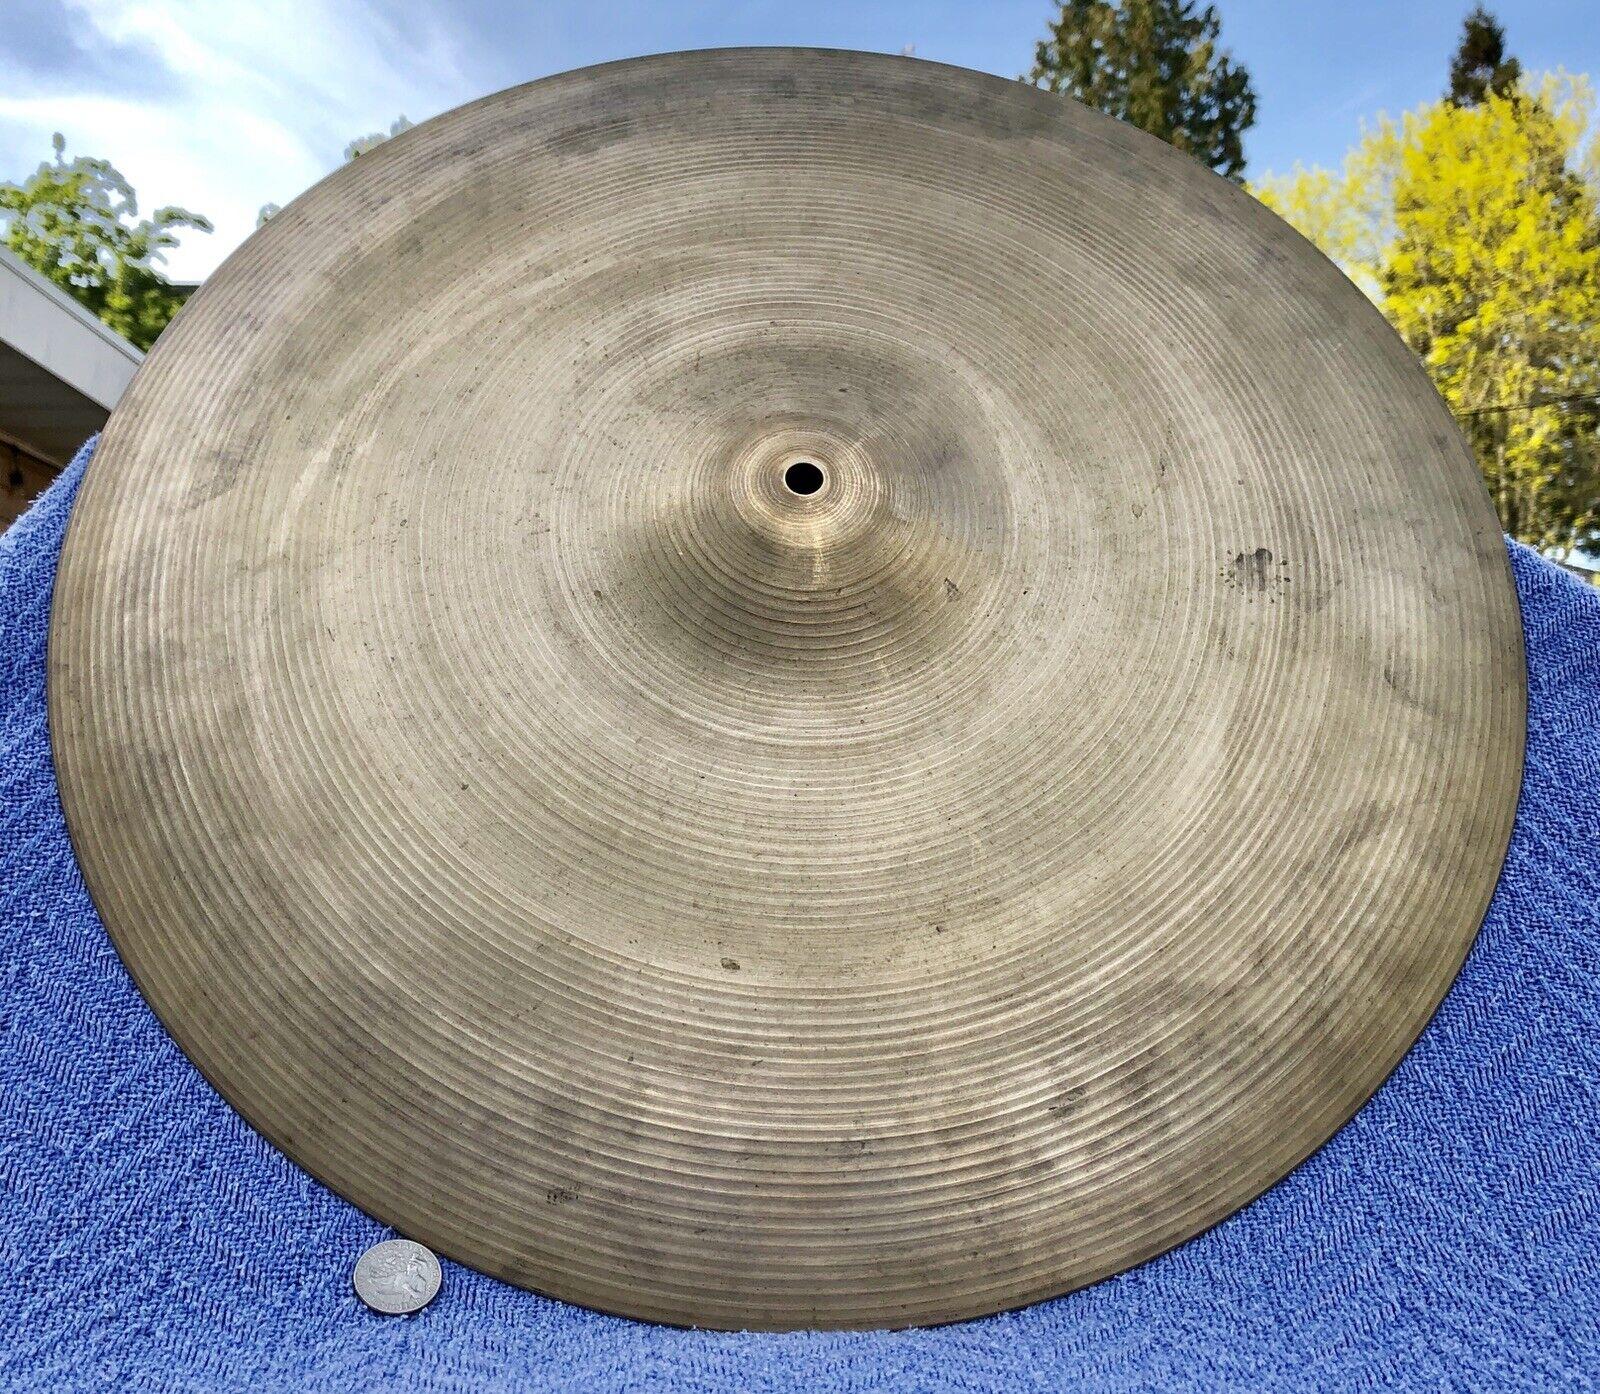 1978-82 Zildjian A 20  Rock Ride Cymbal Natural Finish  0080  A0080 Classic Rock